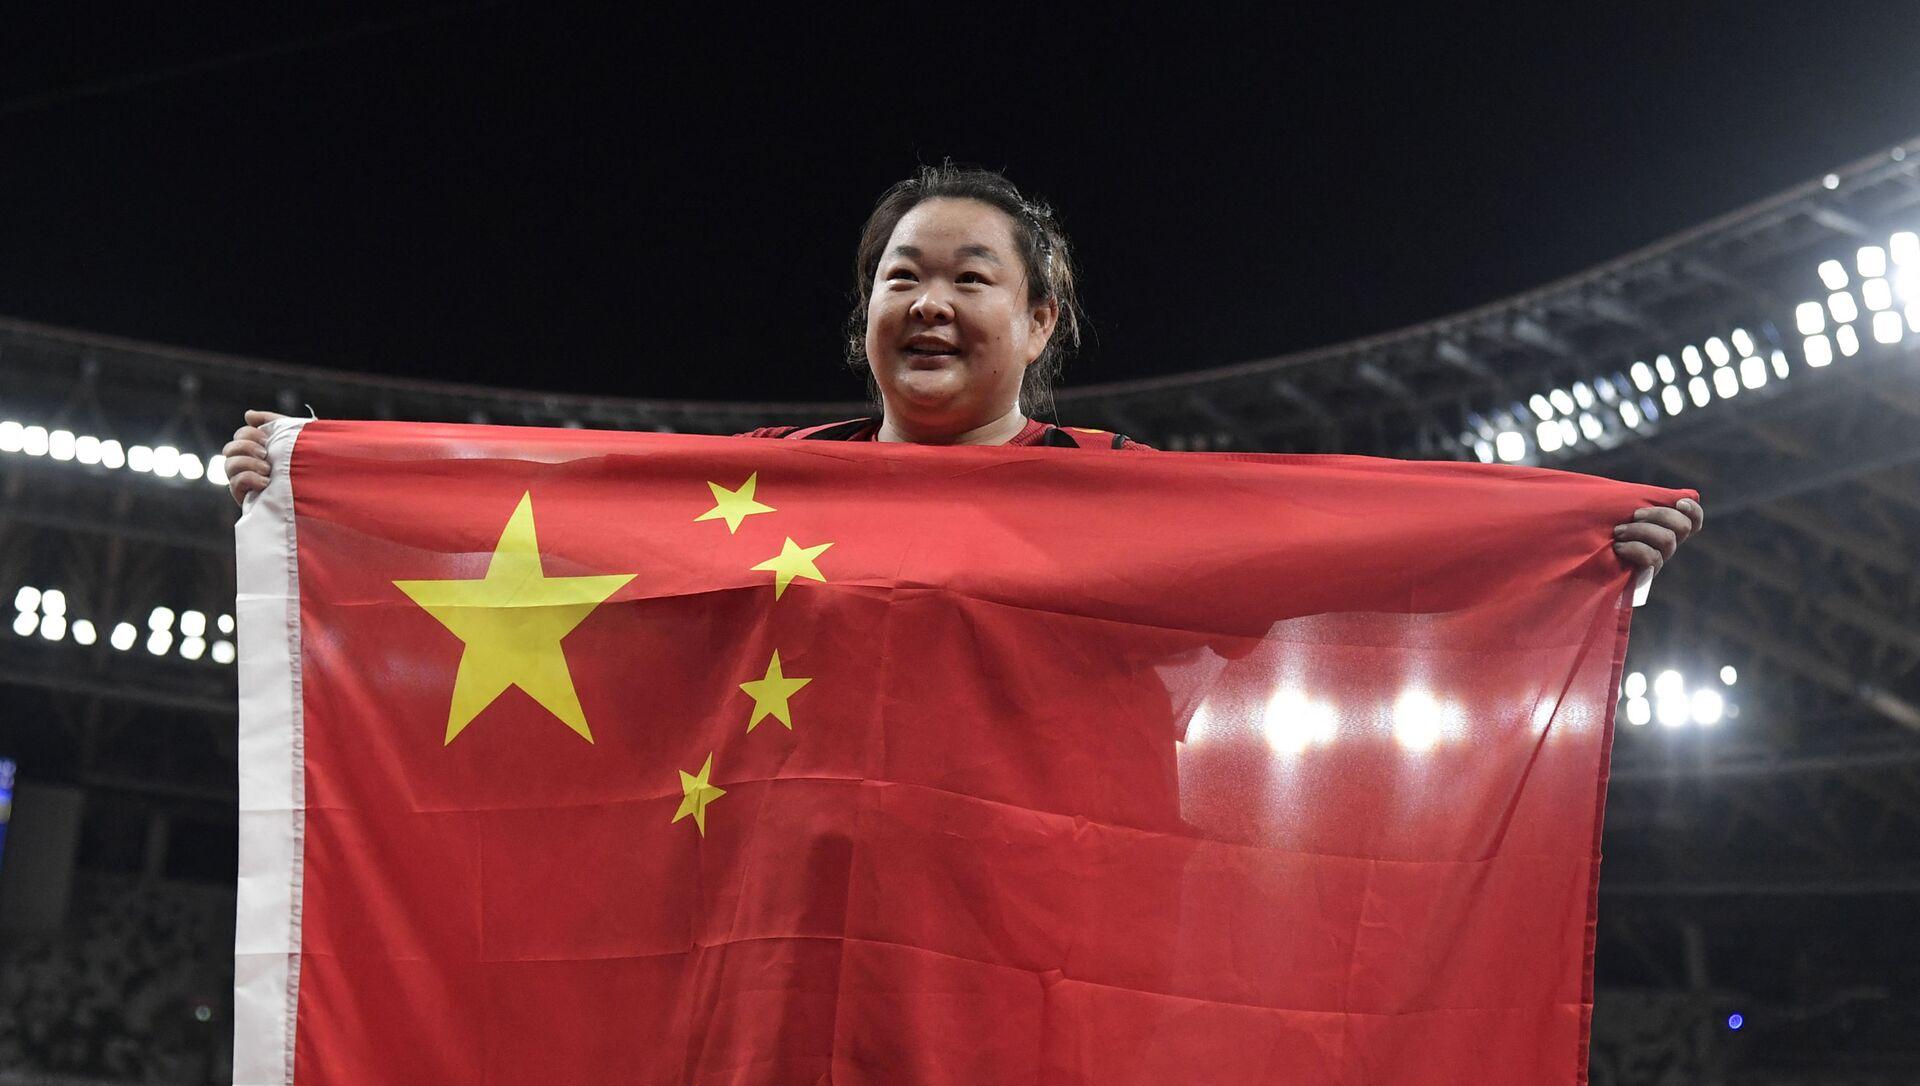 Çin, Wang Zheng, 2020 Tokyo Olimpiyat Oyunları - Sputnik Türkiye, 1920, 04.08.2021